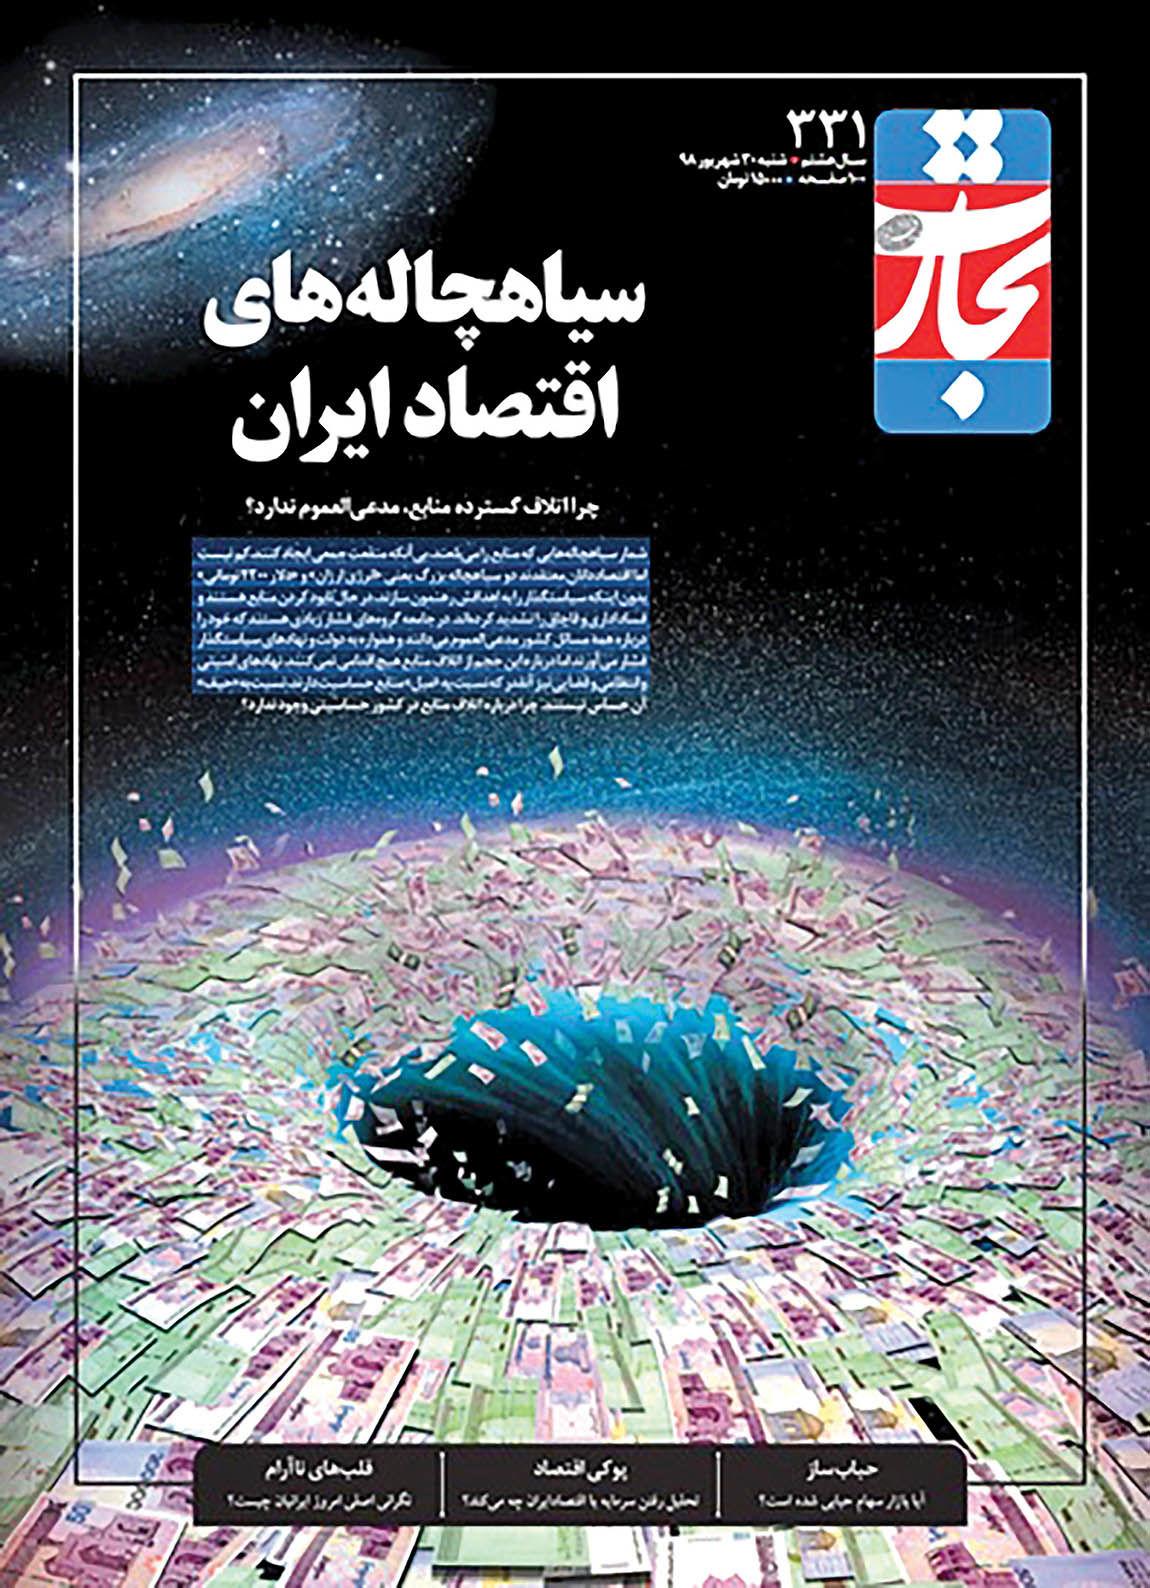 سیاهچالههای اقتصاد ایران در تجارتفردا